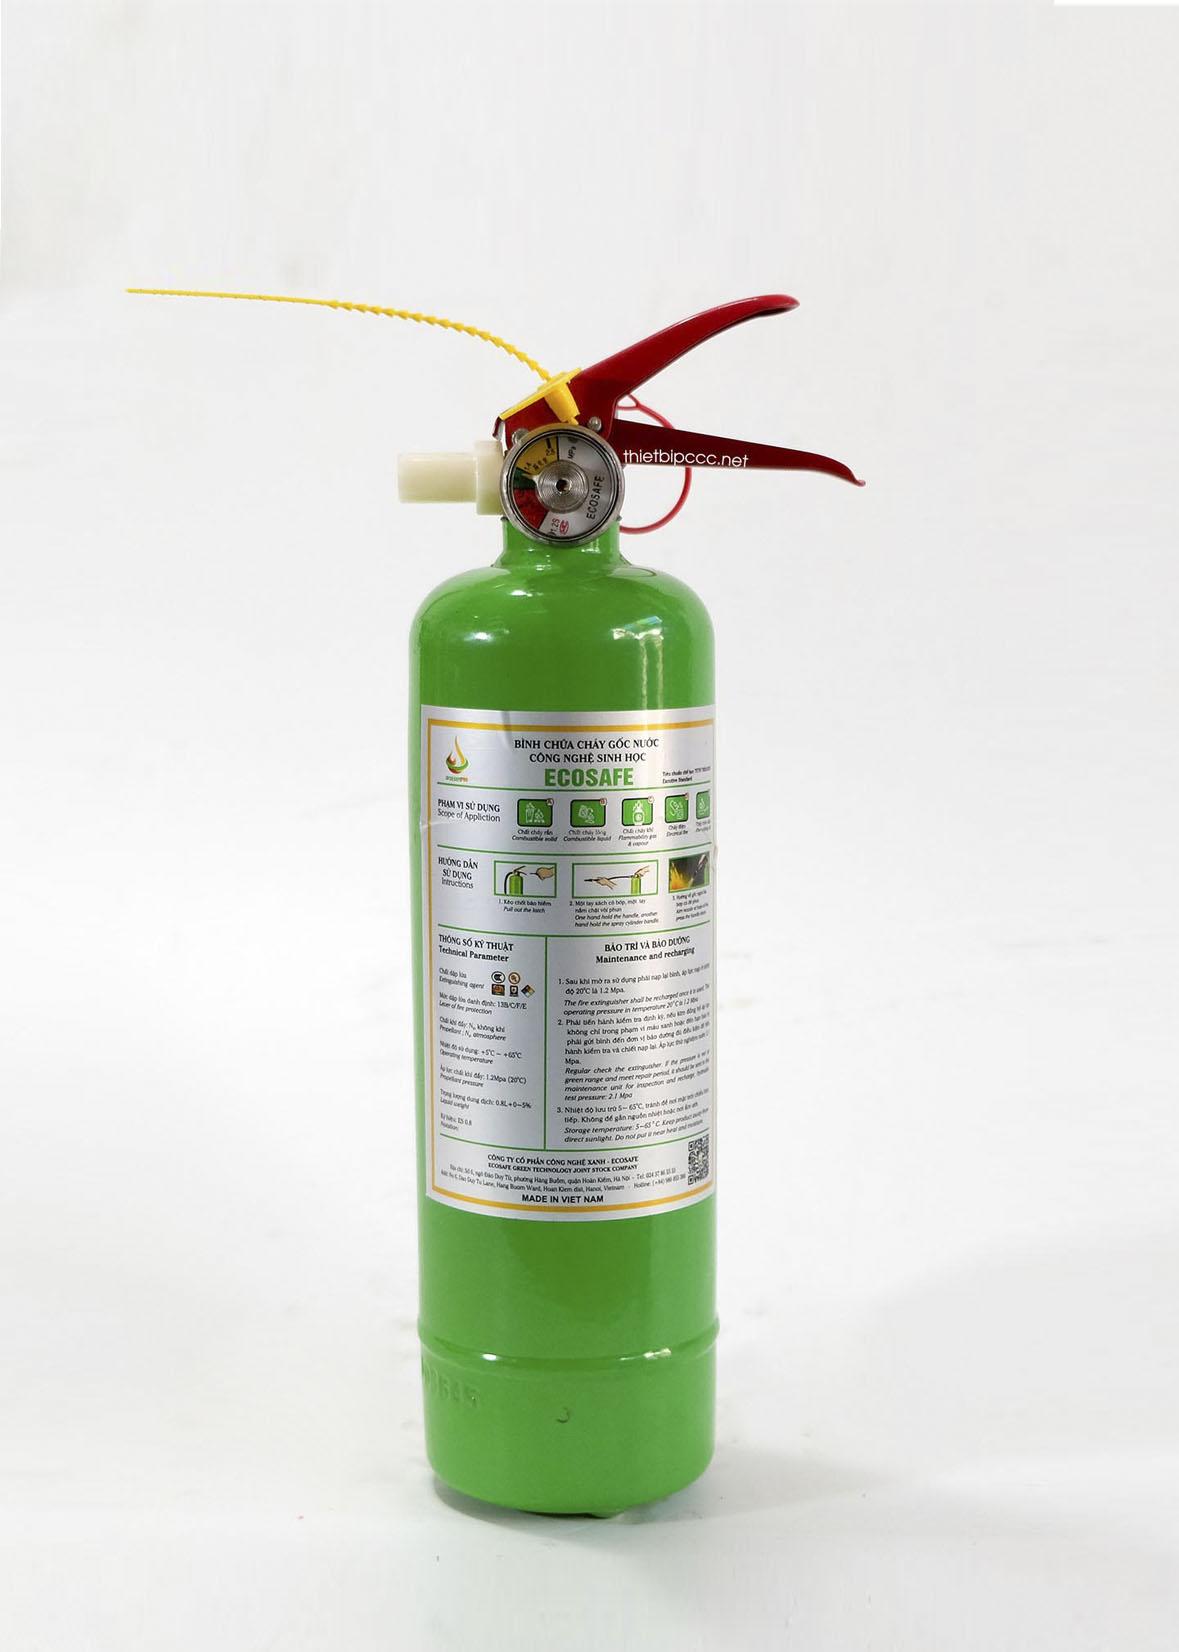 Bình chữa cháy Ecosafe 0.8 lít ES08 công nghệ sinh học